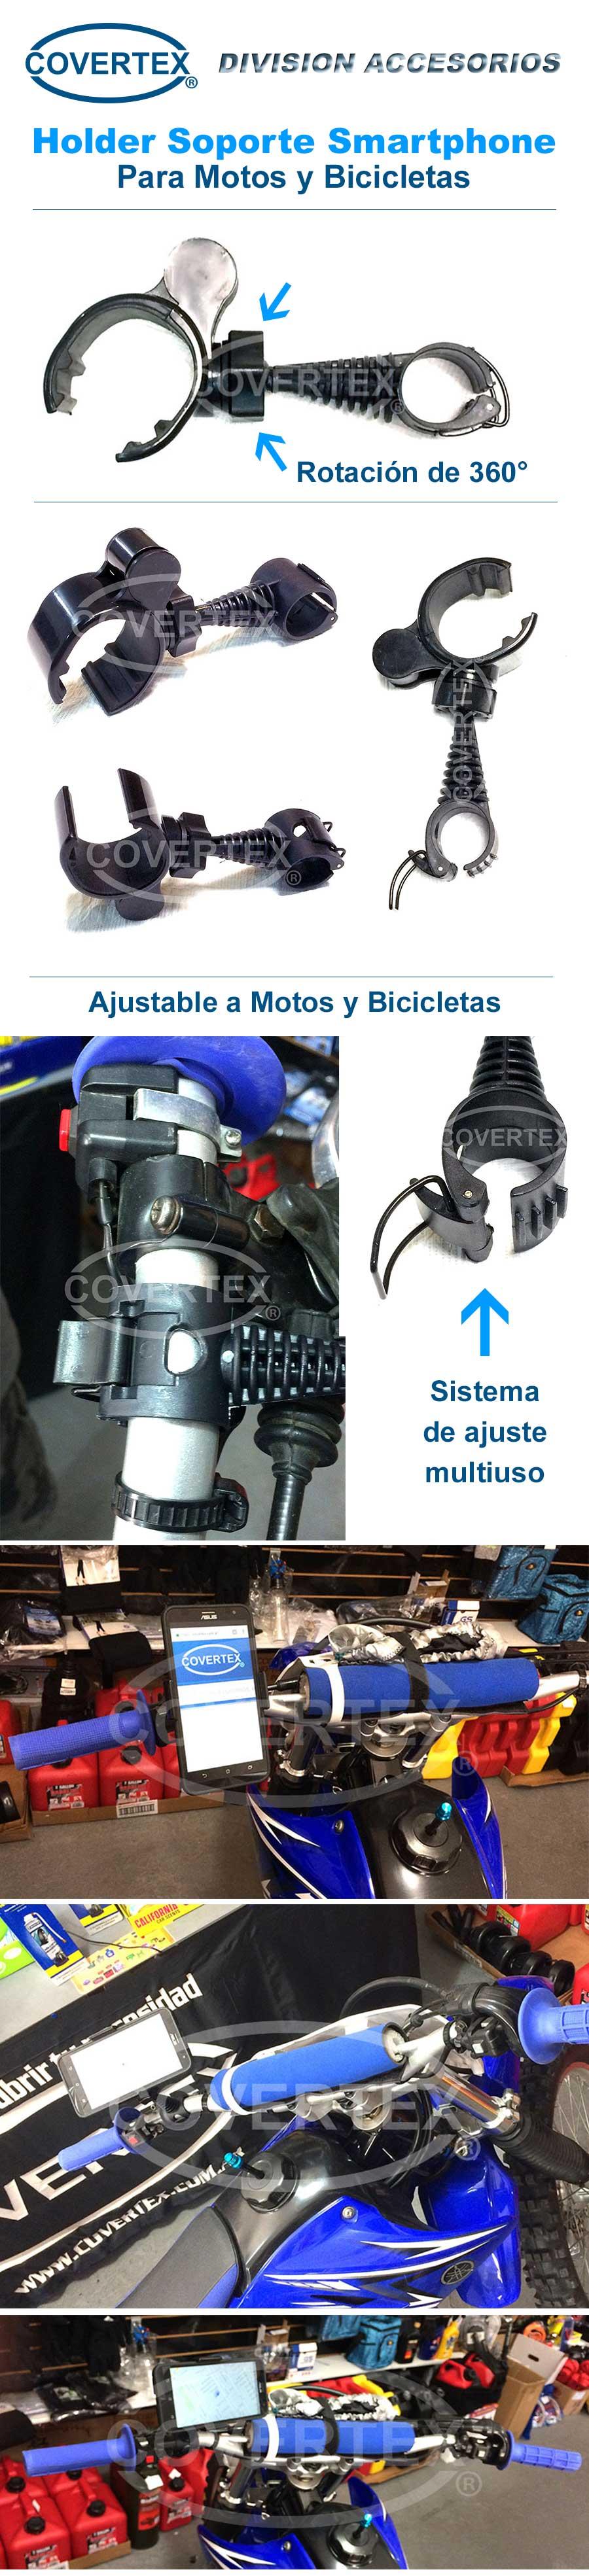 holder_moto_celular